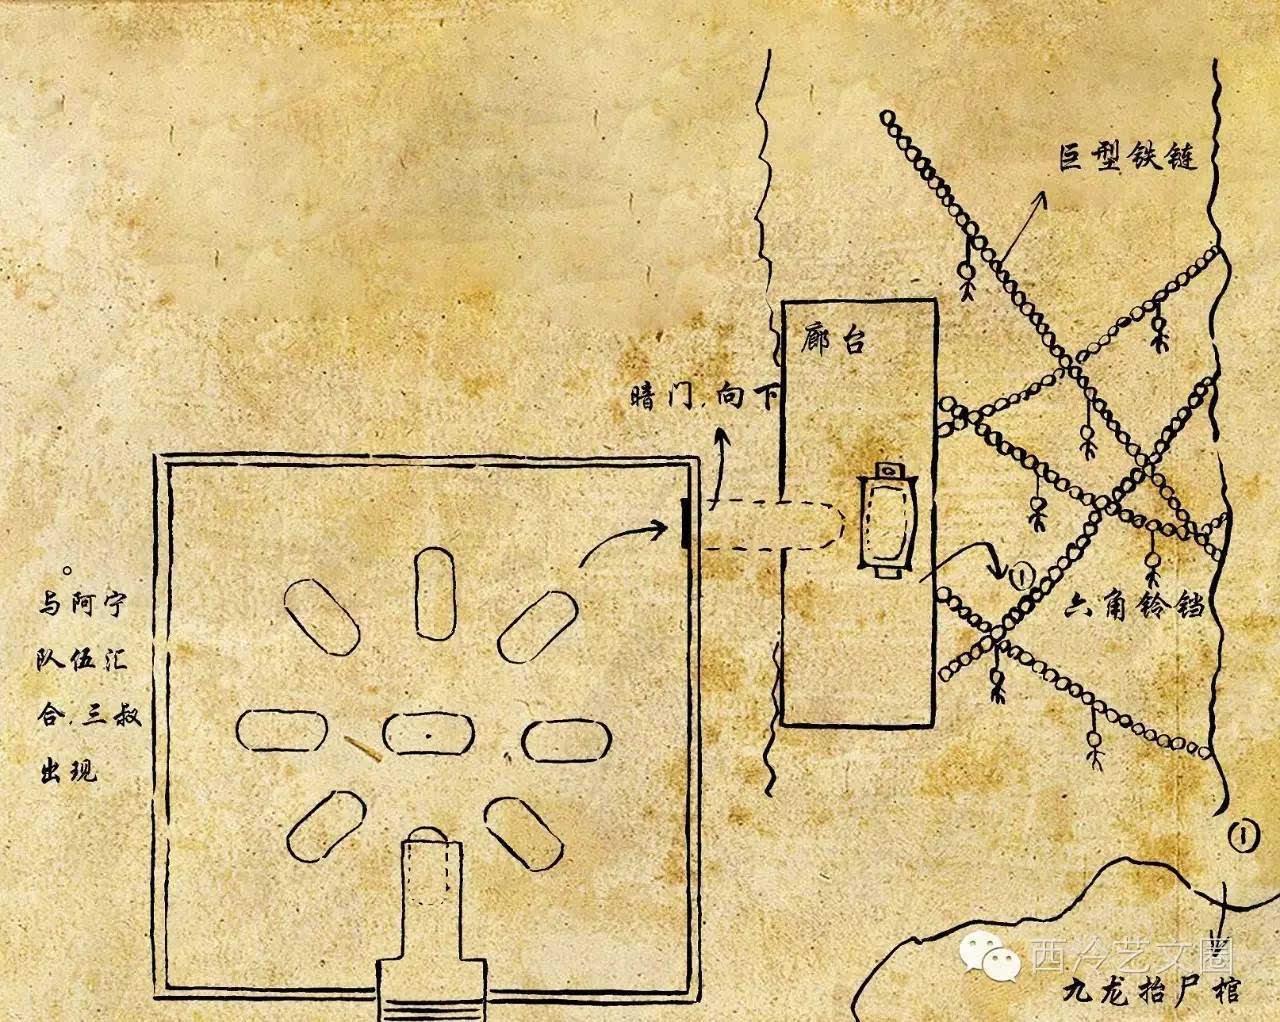 (注:所有手绘地图原作者为邵宇宸,著作权归西泠印社集团